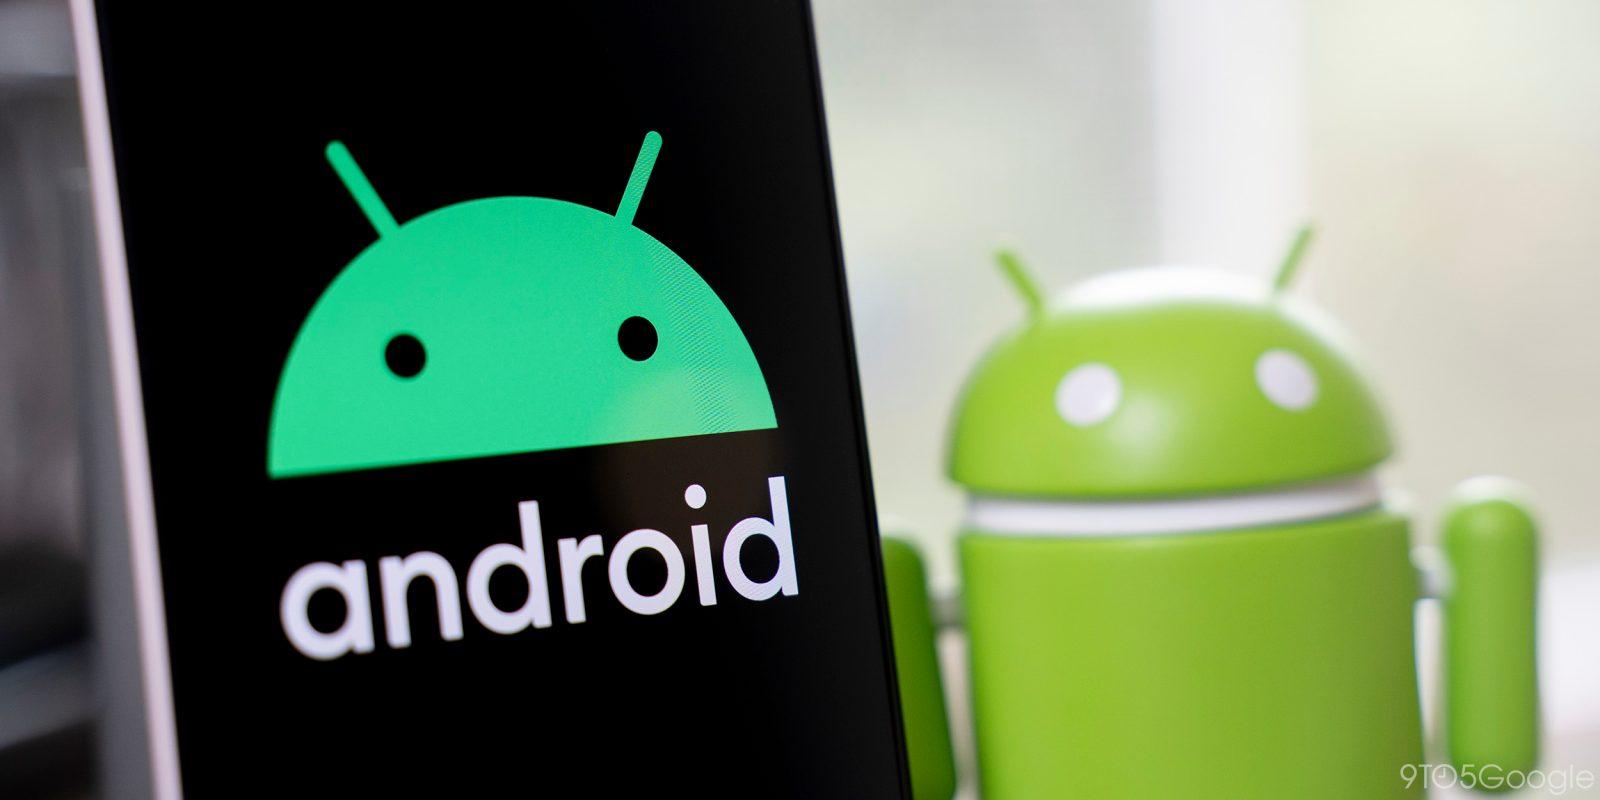 Android : grosse faille de sécurité sur le Bluetooth